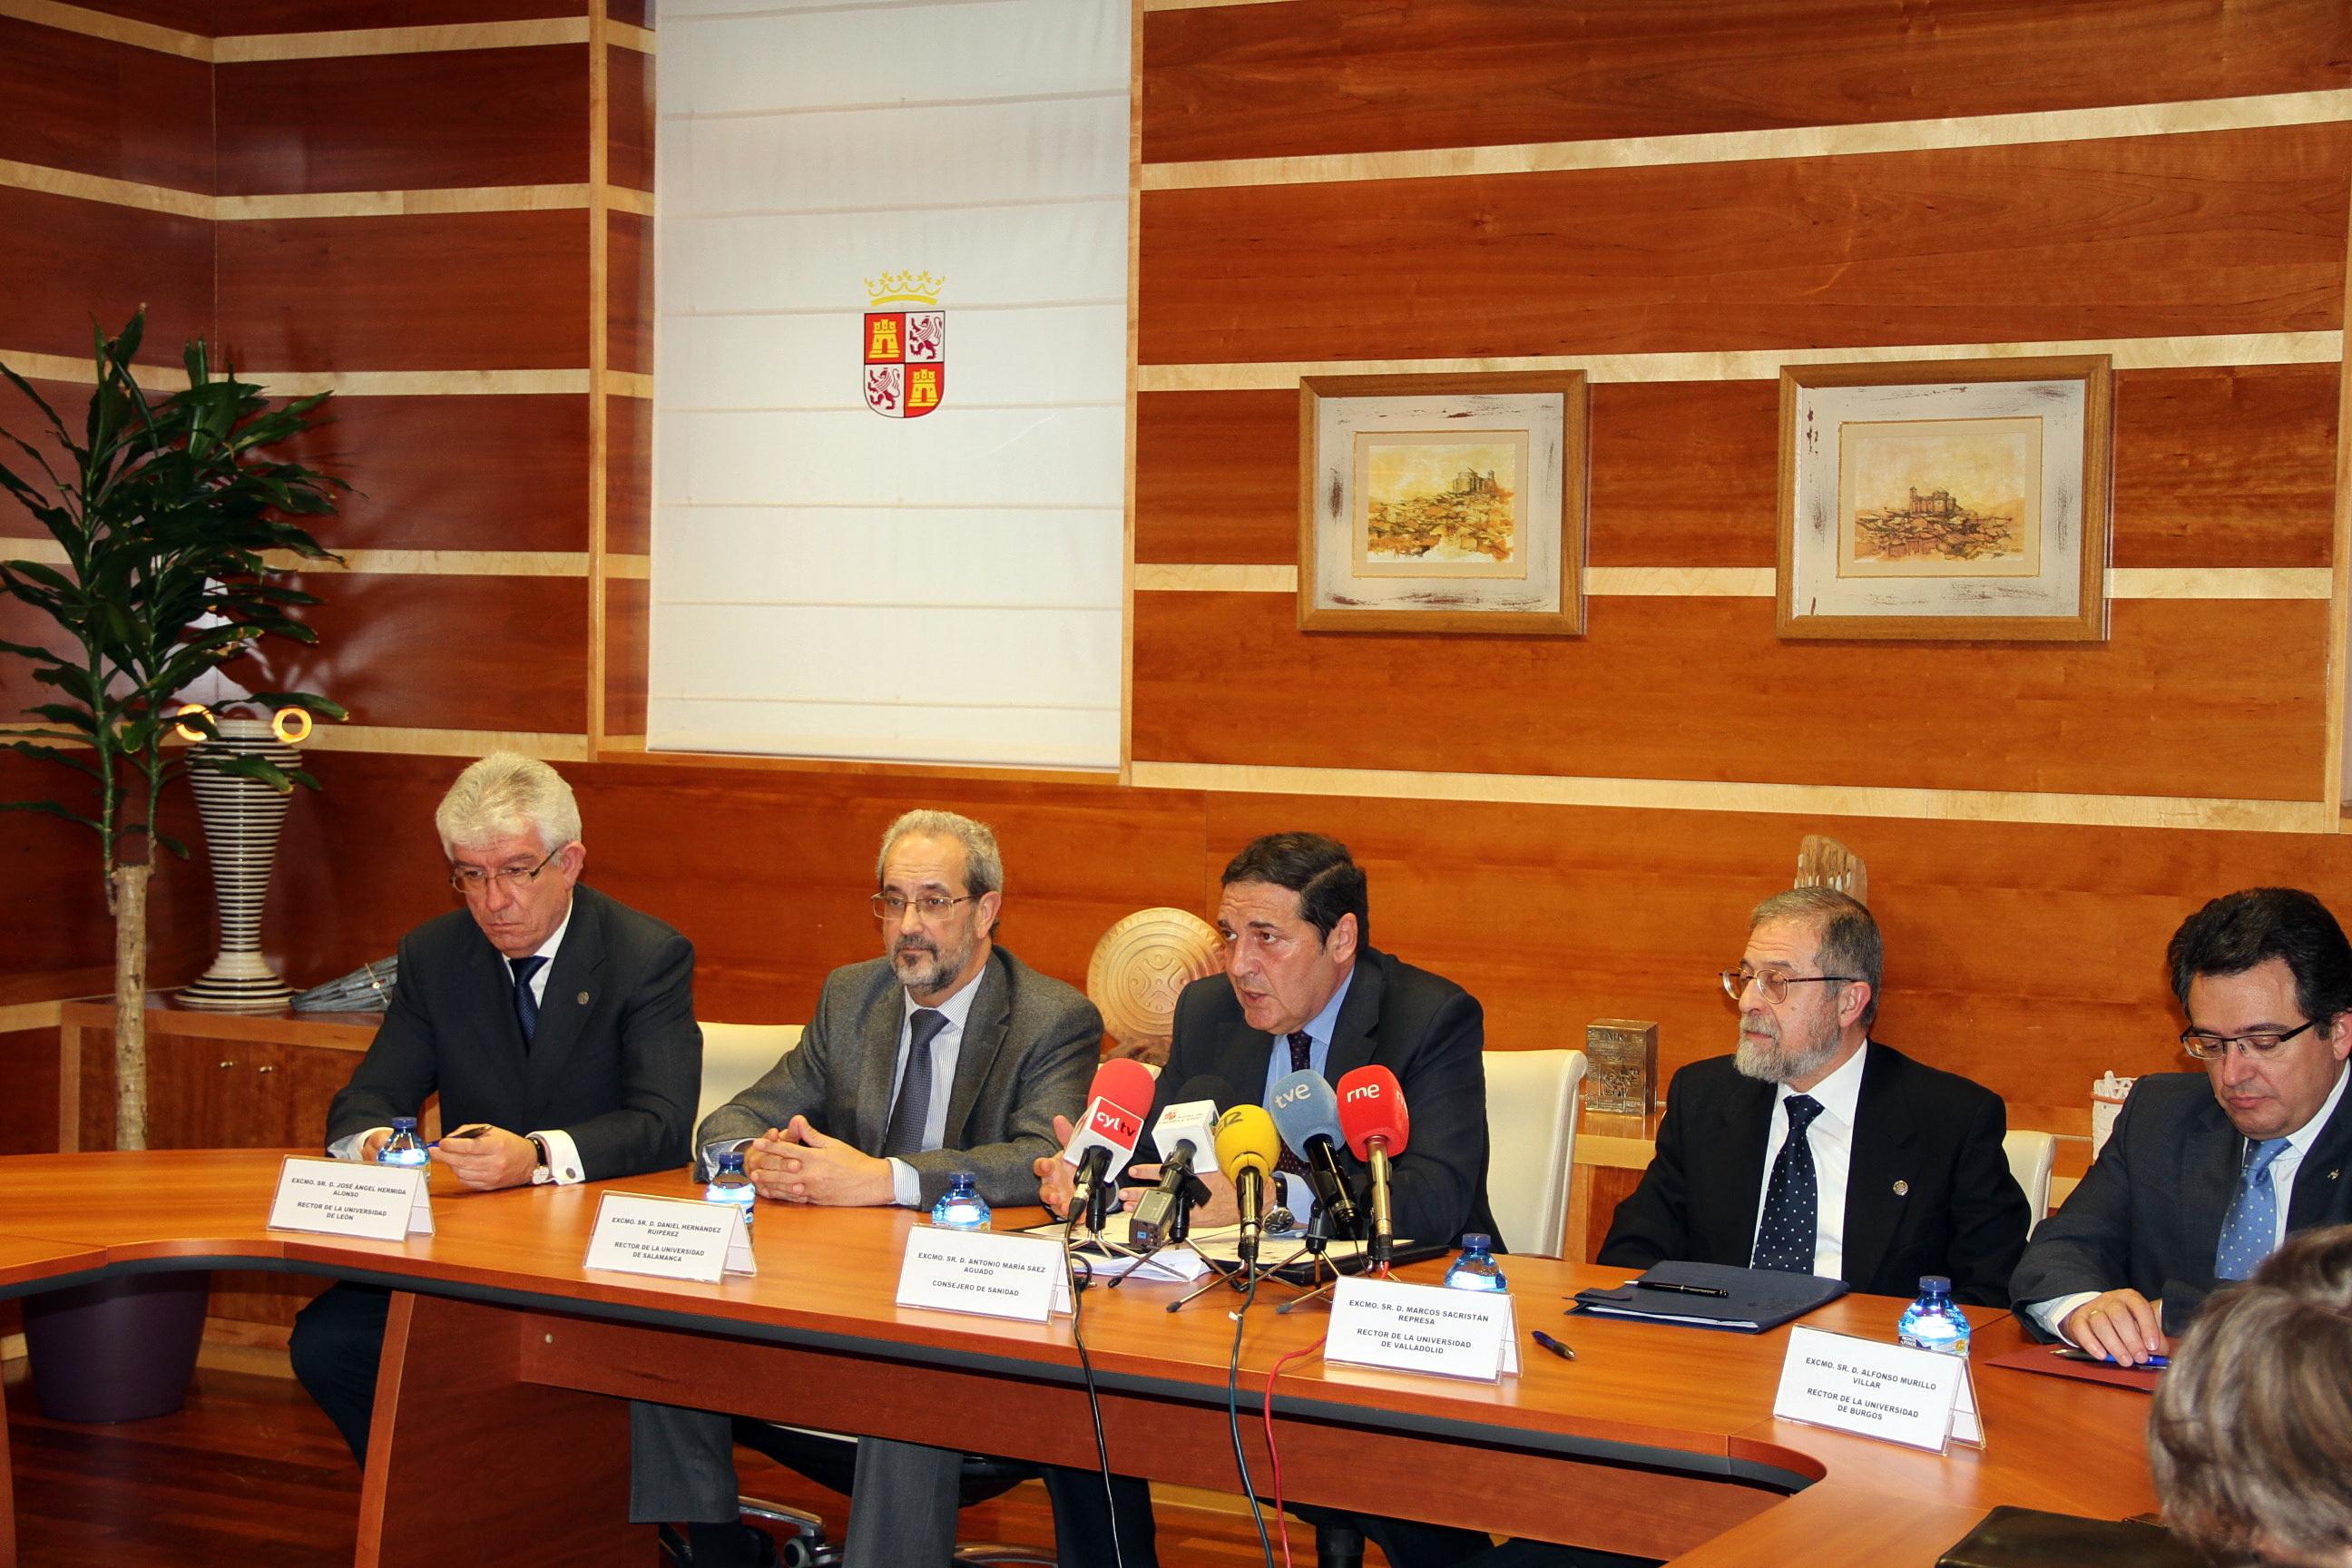 Las cuatro universidades públicas de Castilla y León y la Consejería de Sanidad regulan las prácticas en los centros sanitarios